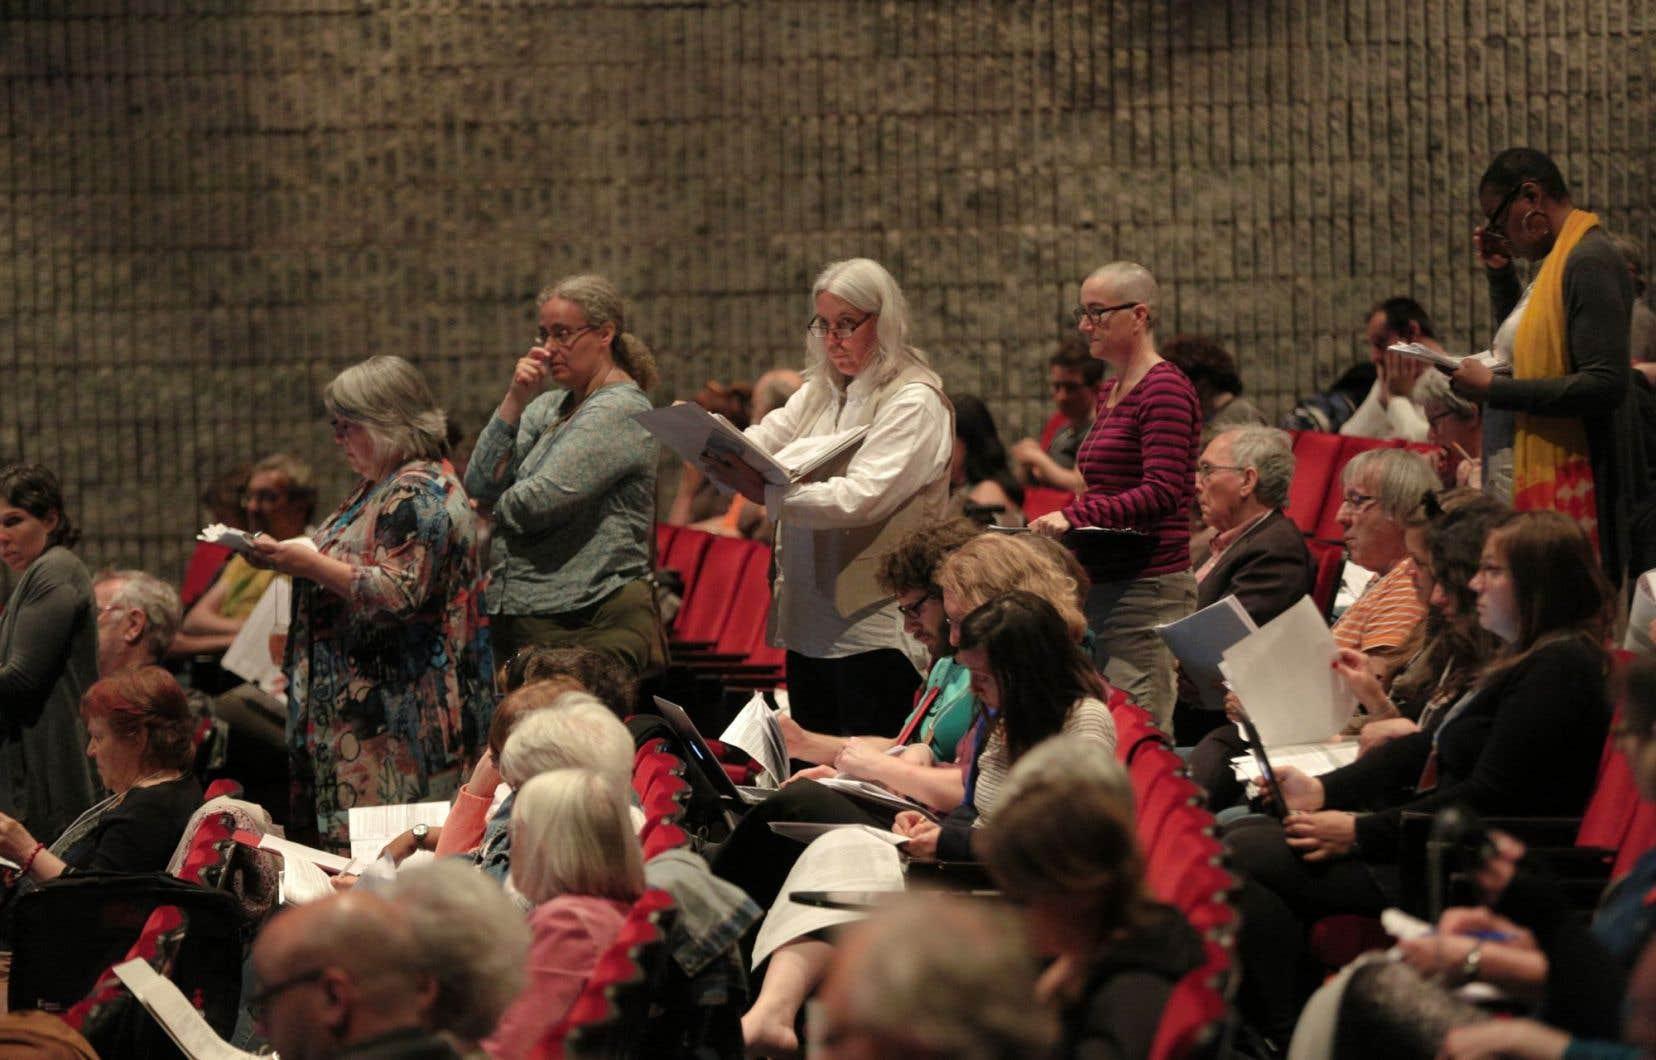 Le congrès annuel a attiré environ 500 militants. La formation se réclame maintenant de quelque 10 000 membres.